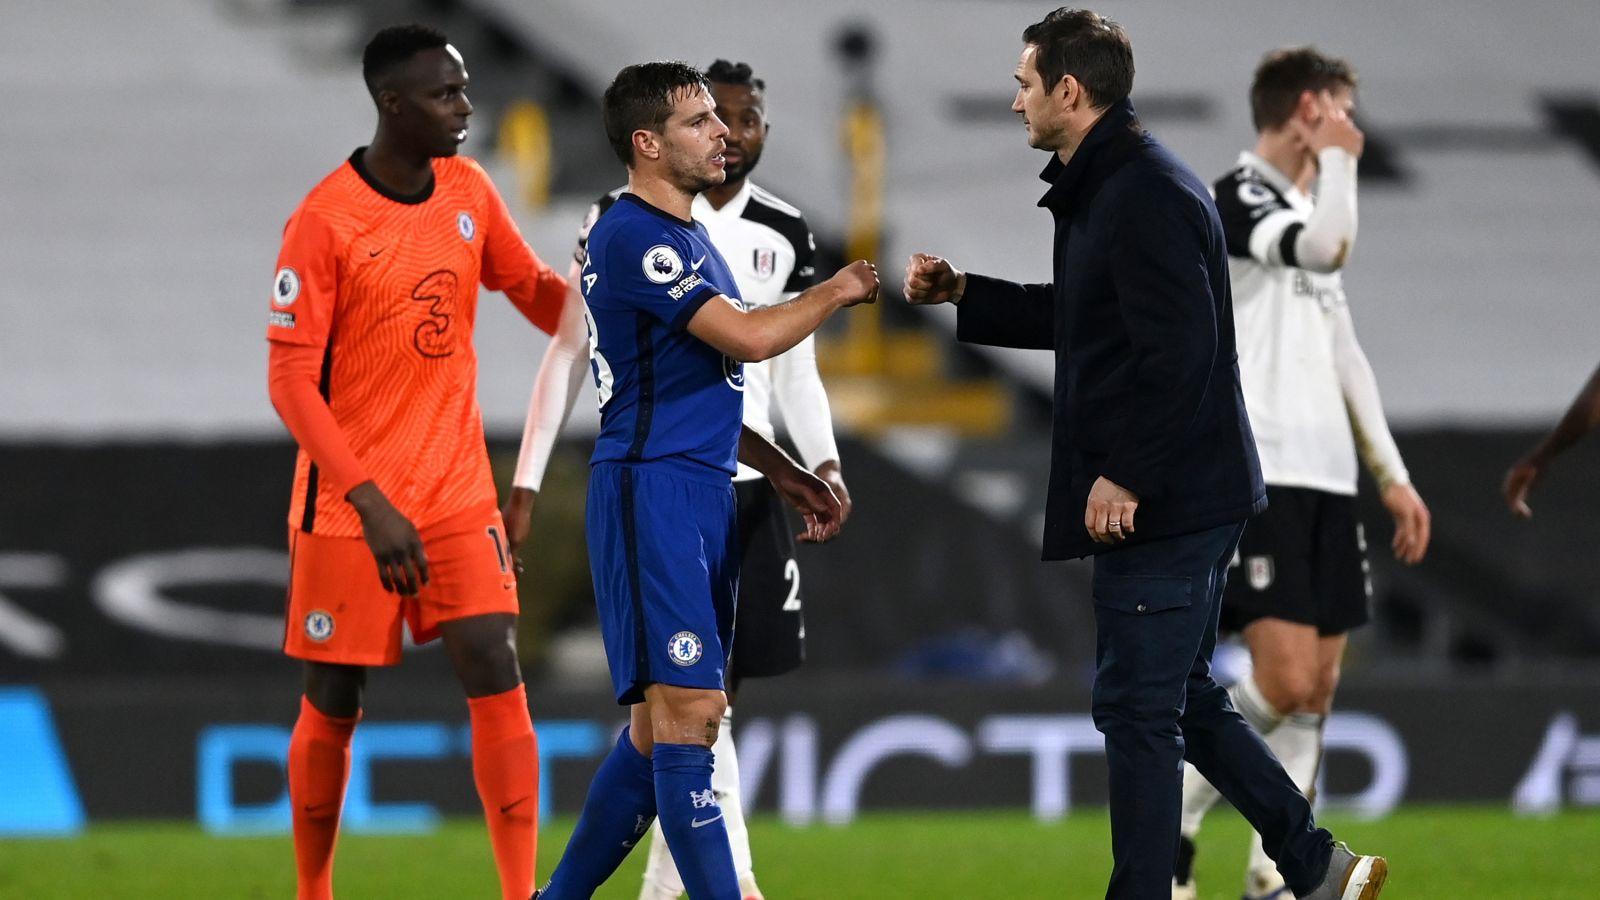 Jadwal Liga Inggris Hari Ini: Leicester City vs Chelsea